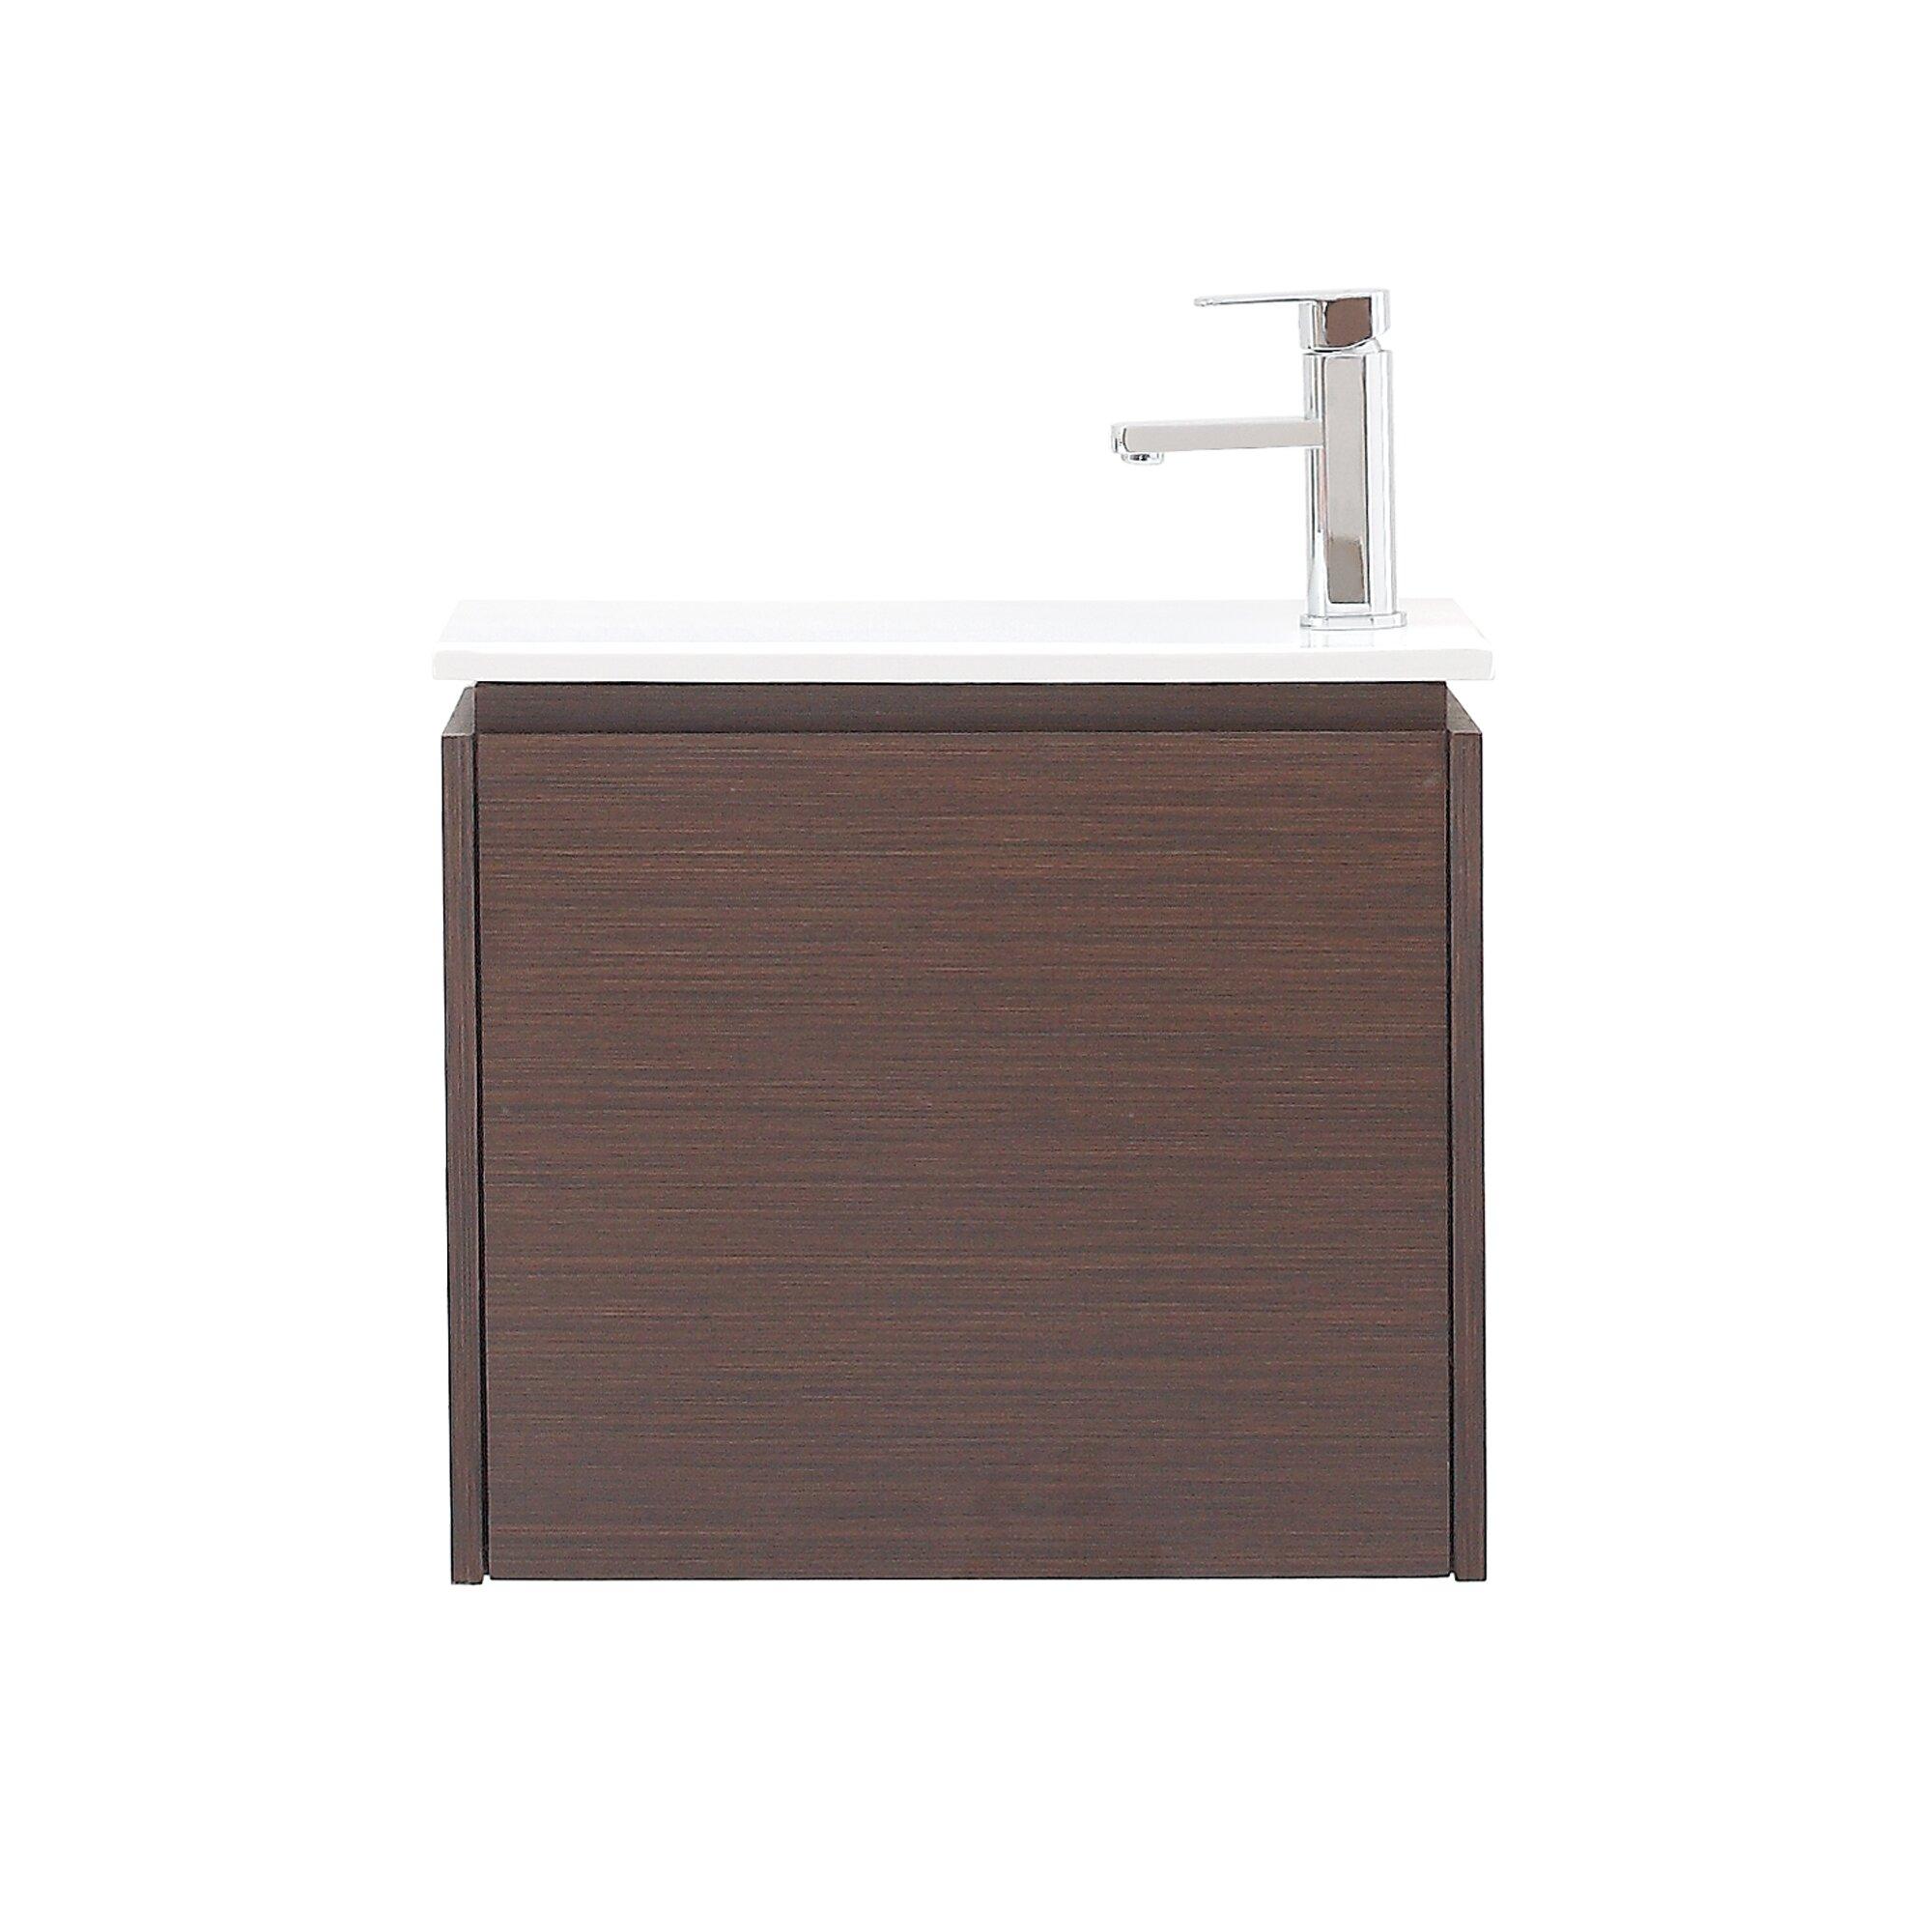 Avanity Milo 22 Quot Single Wall Mounted Bathroom Vanity Set